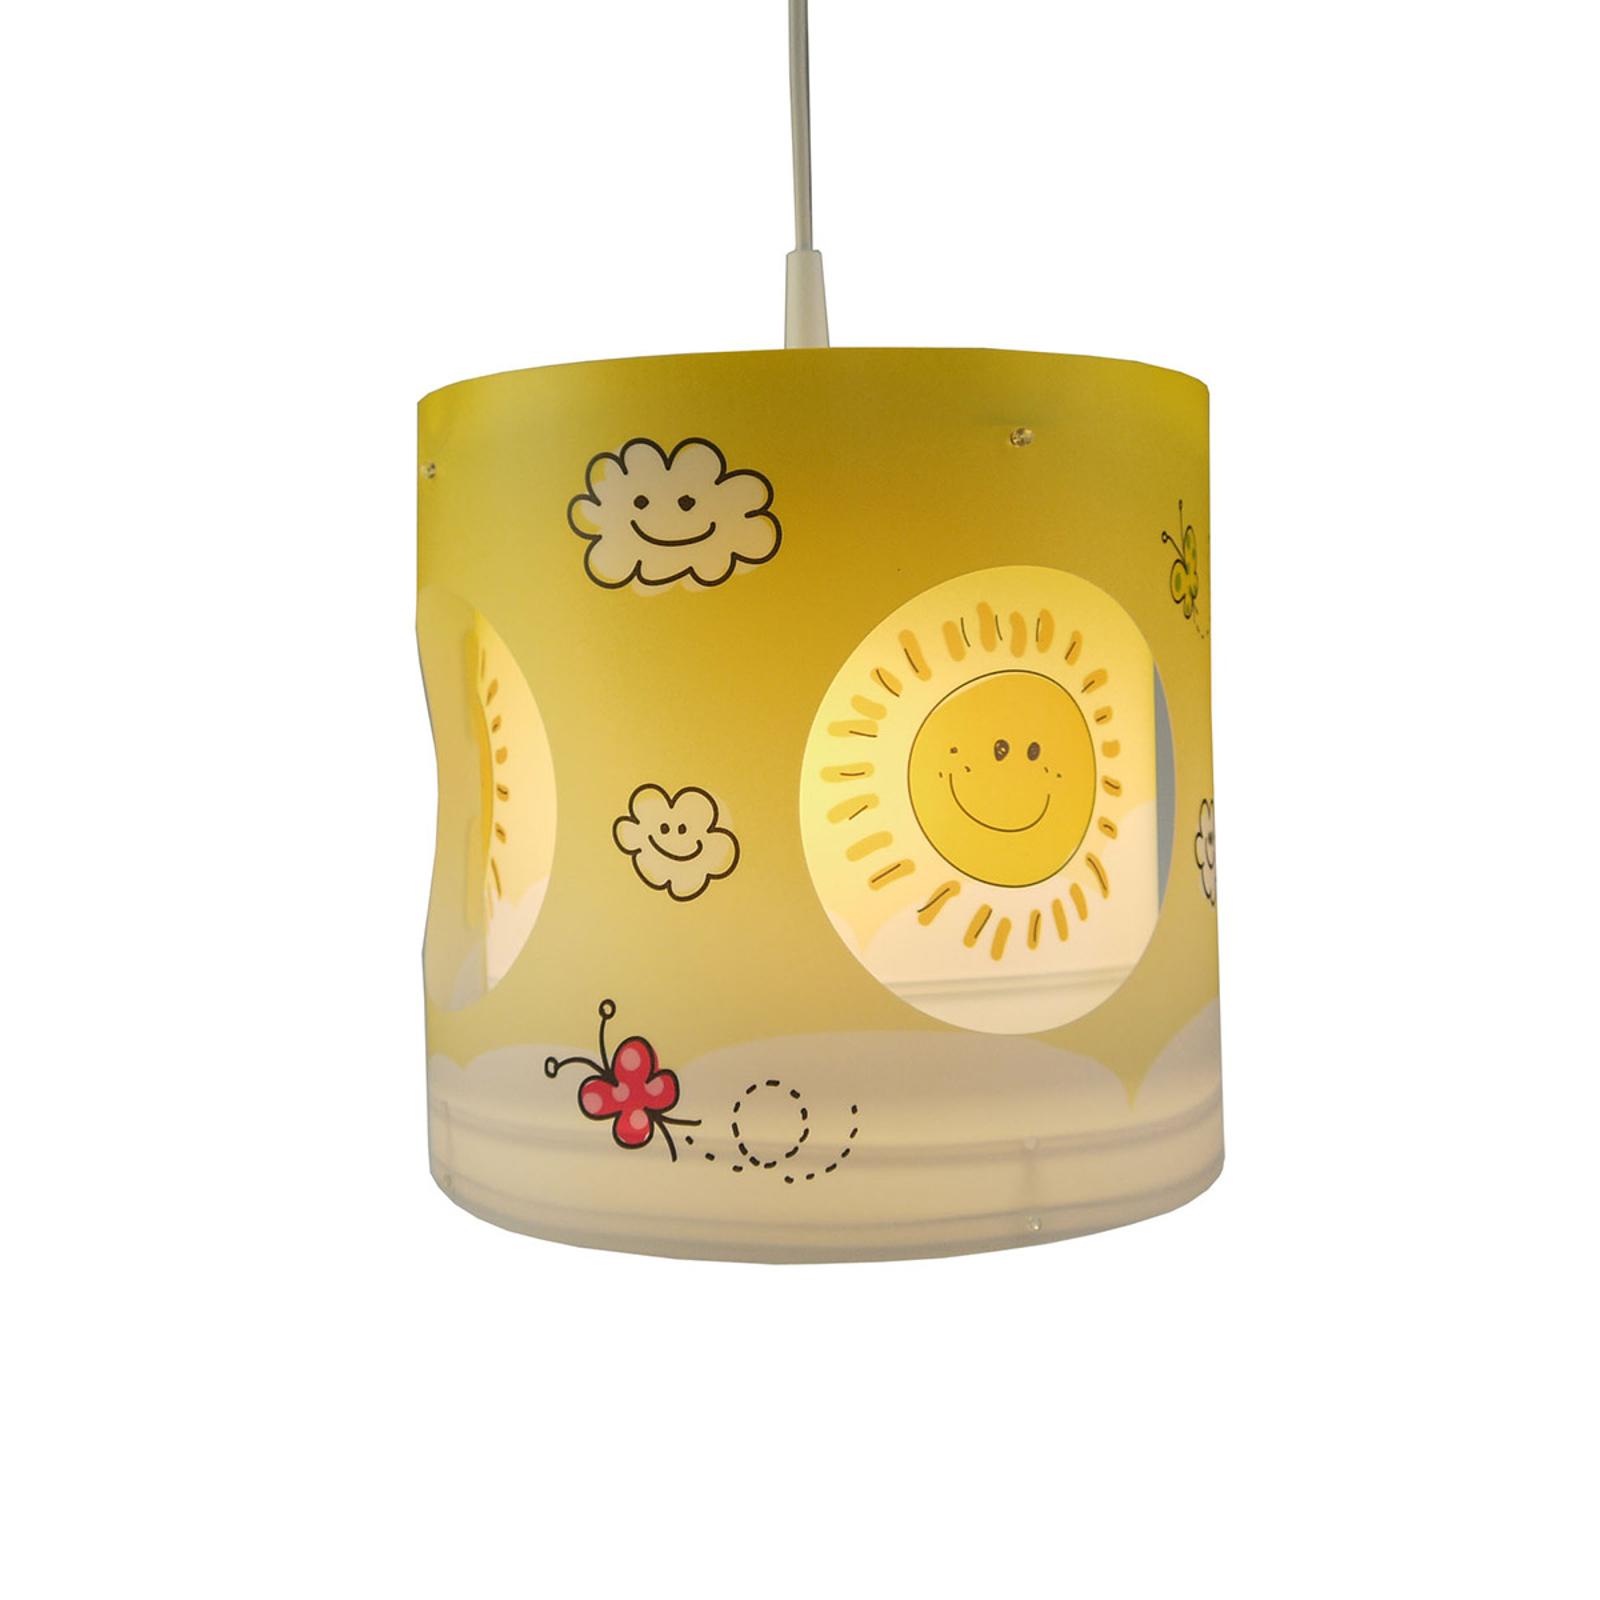 Obrotowa lampa wisząca Sunny do pokoju dziecięcego